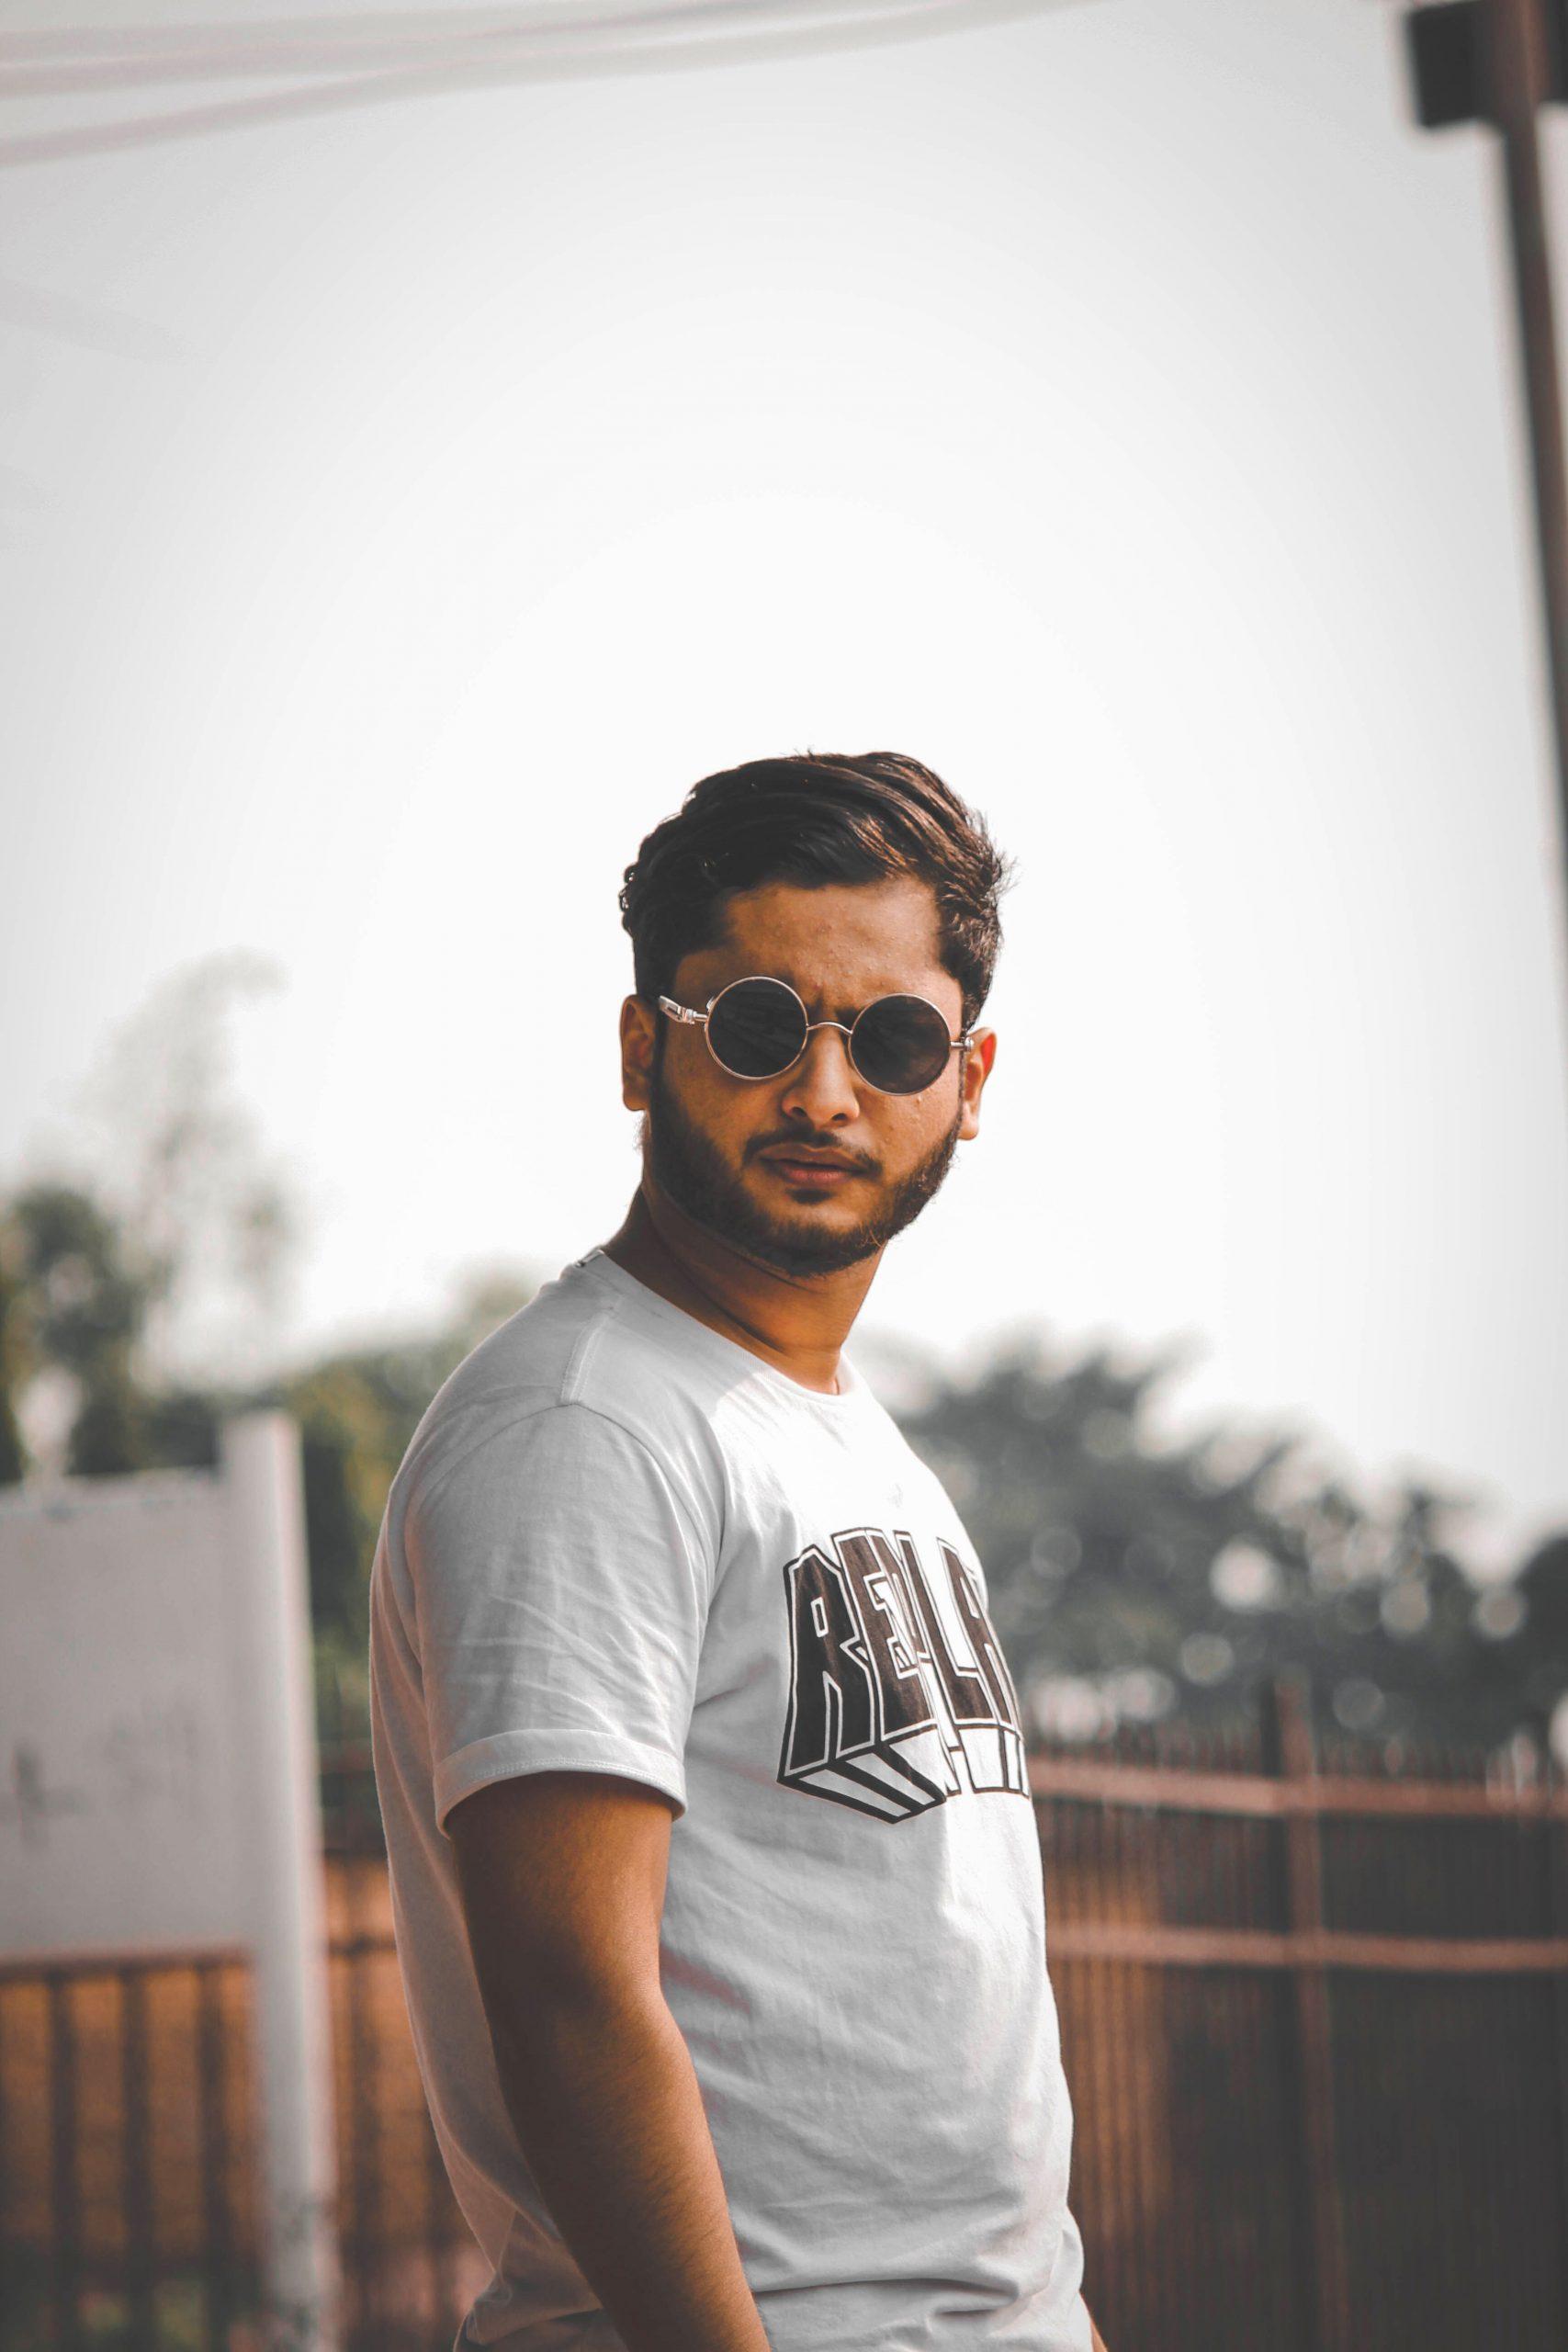 Single Boy Whatsapp Dp Wallpaper Free